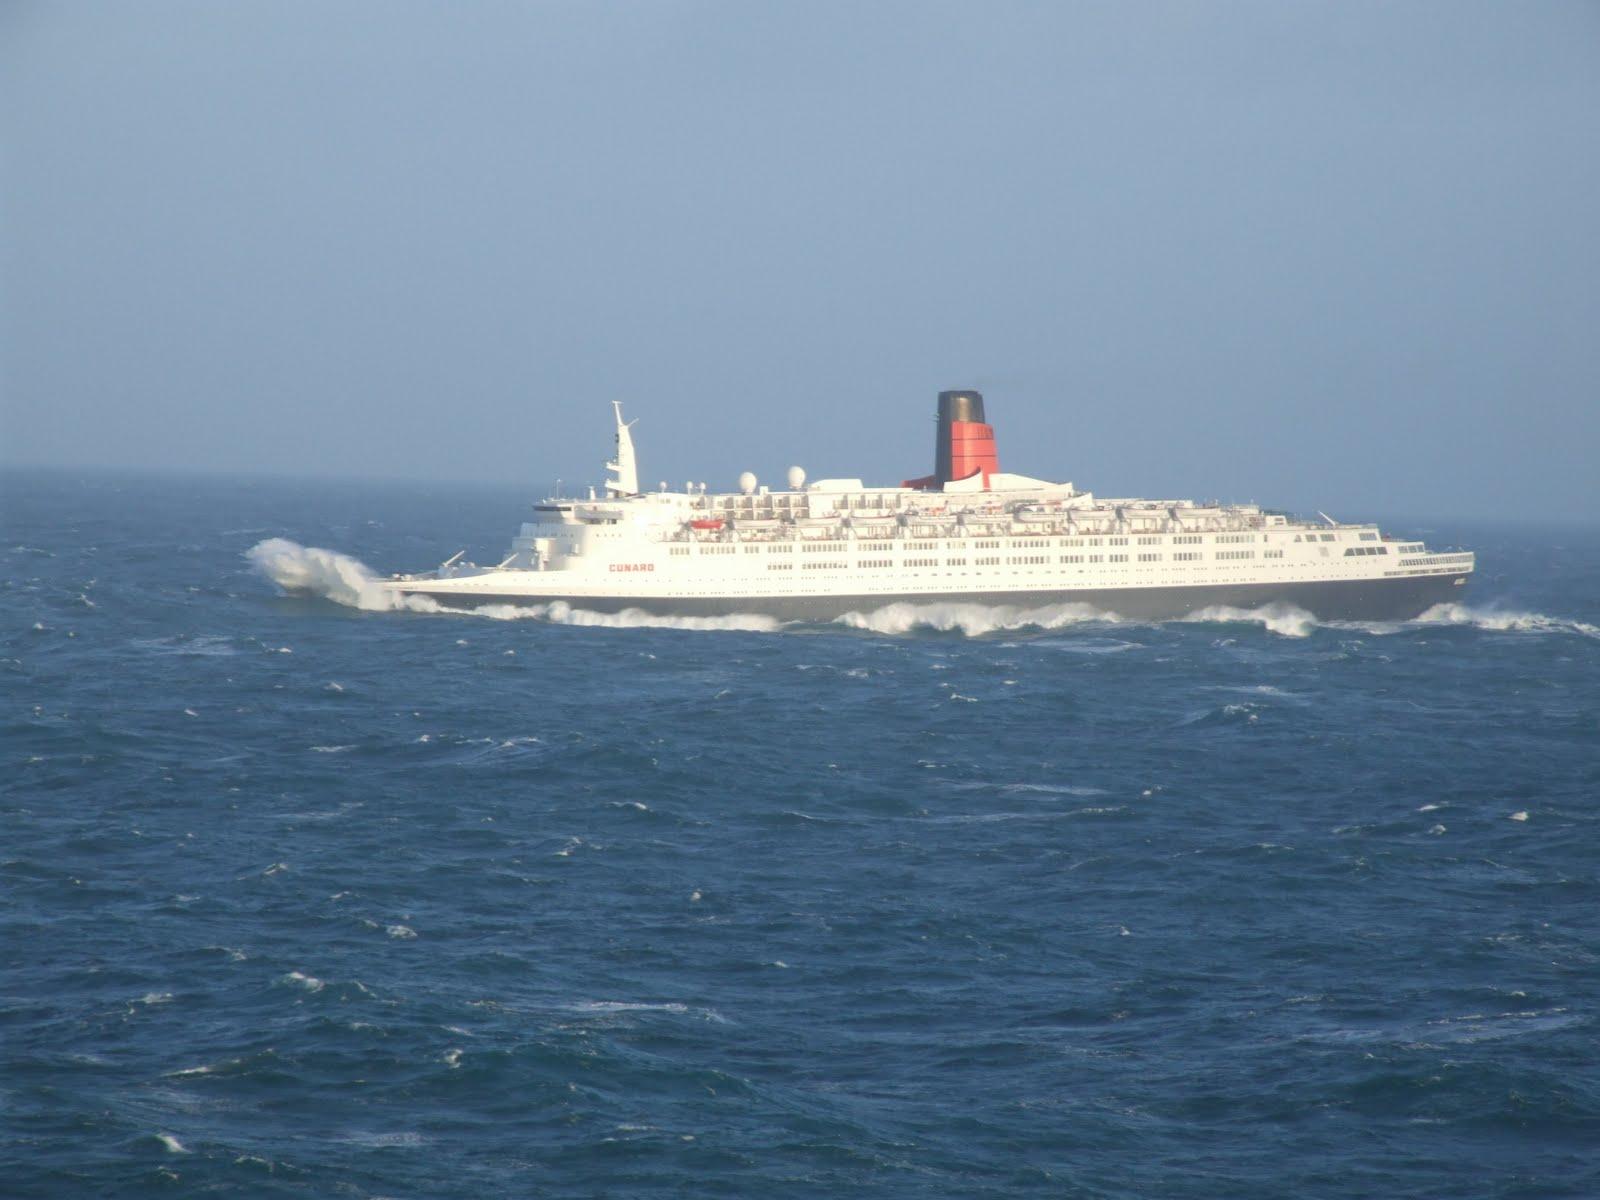 Fixer & Gordon: Rough seas ...